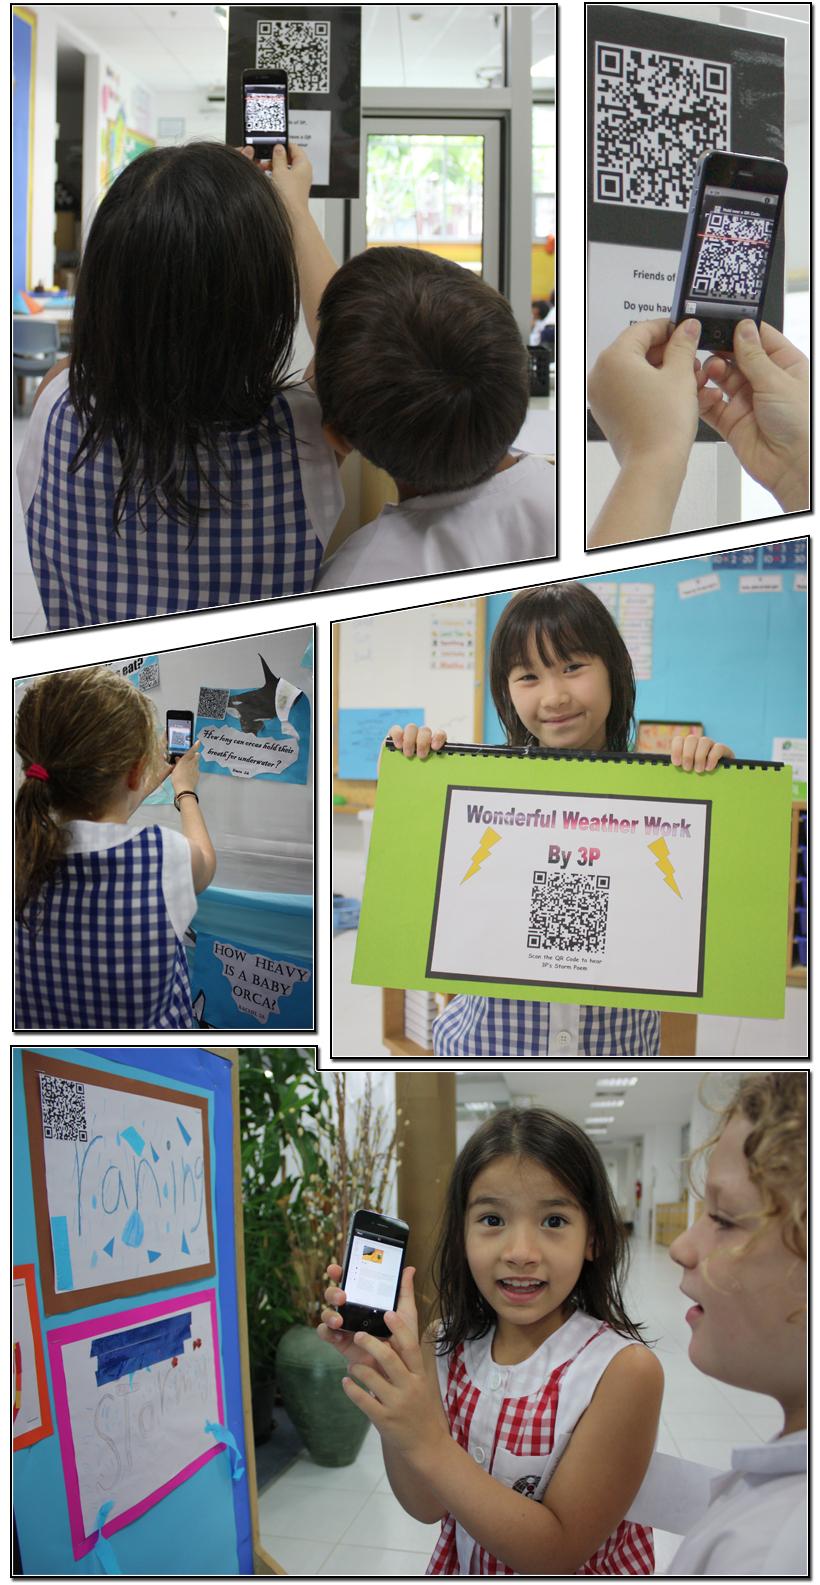 Bangkok Patana for smart kids - good? - Primary ...